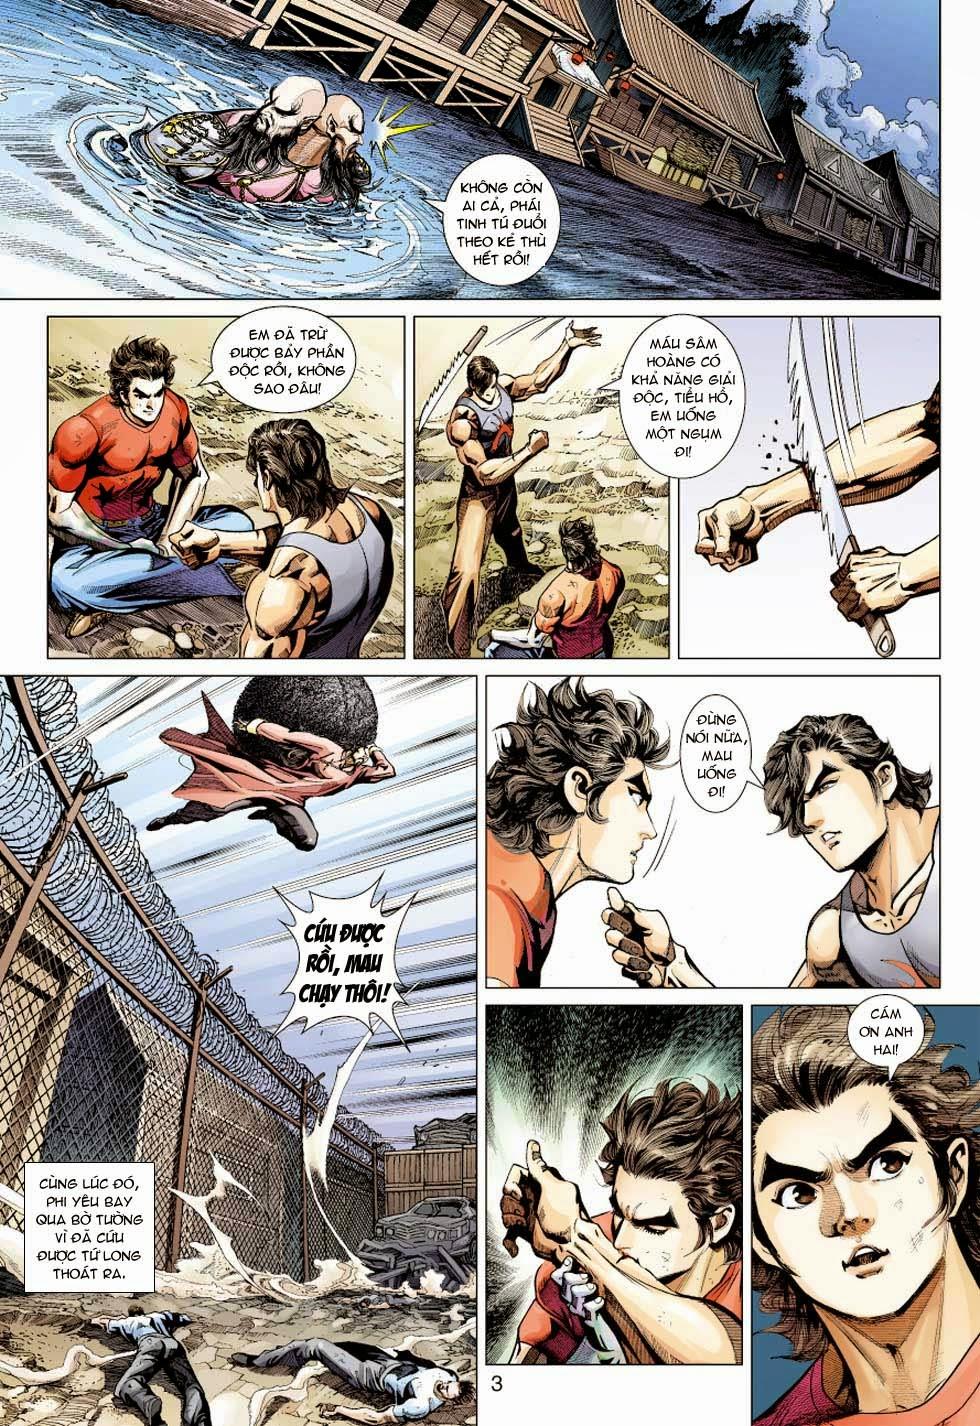 Tân Tác Long Hổ Môn chap 354 - Trang 3